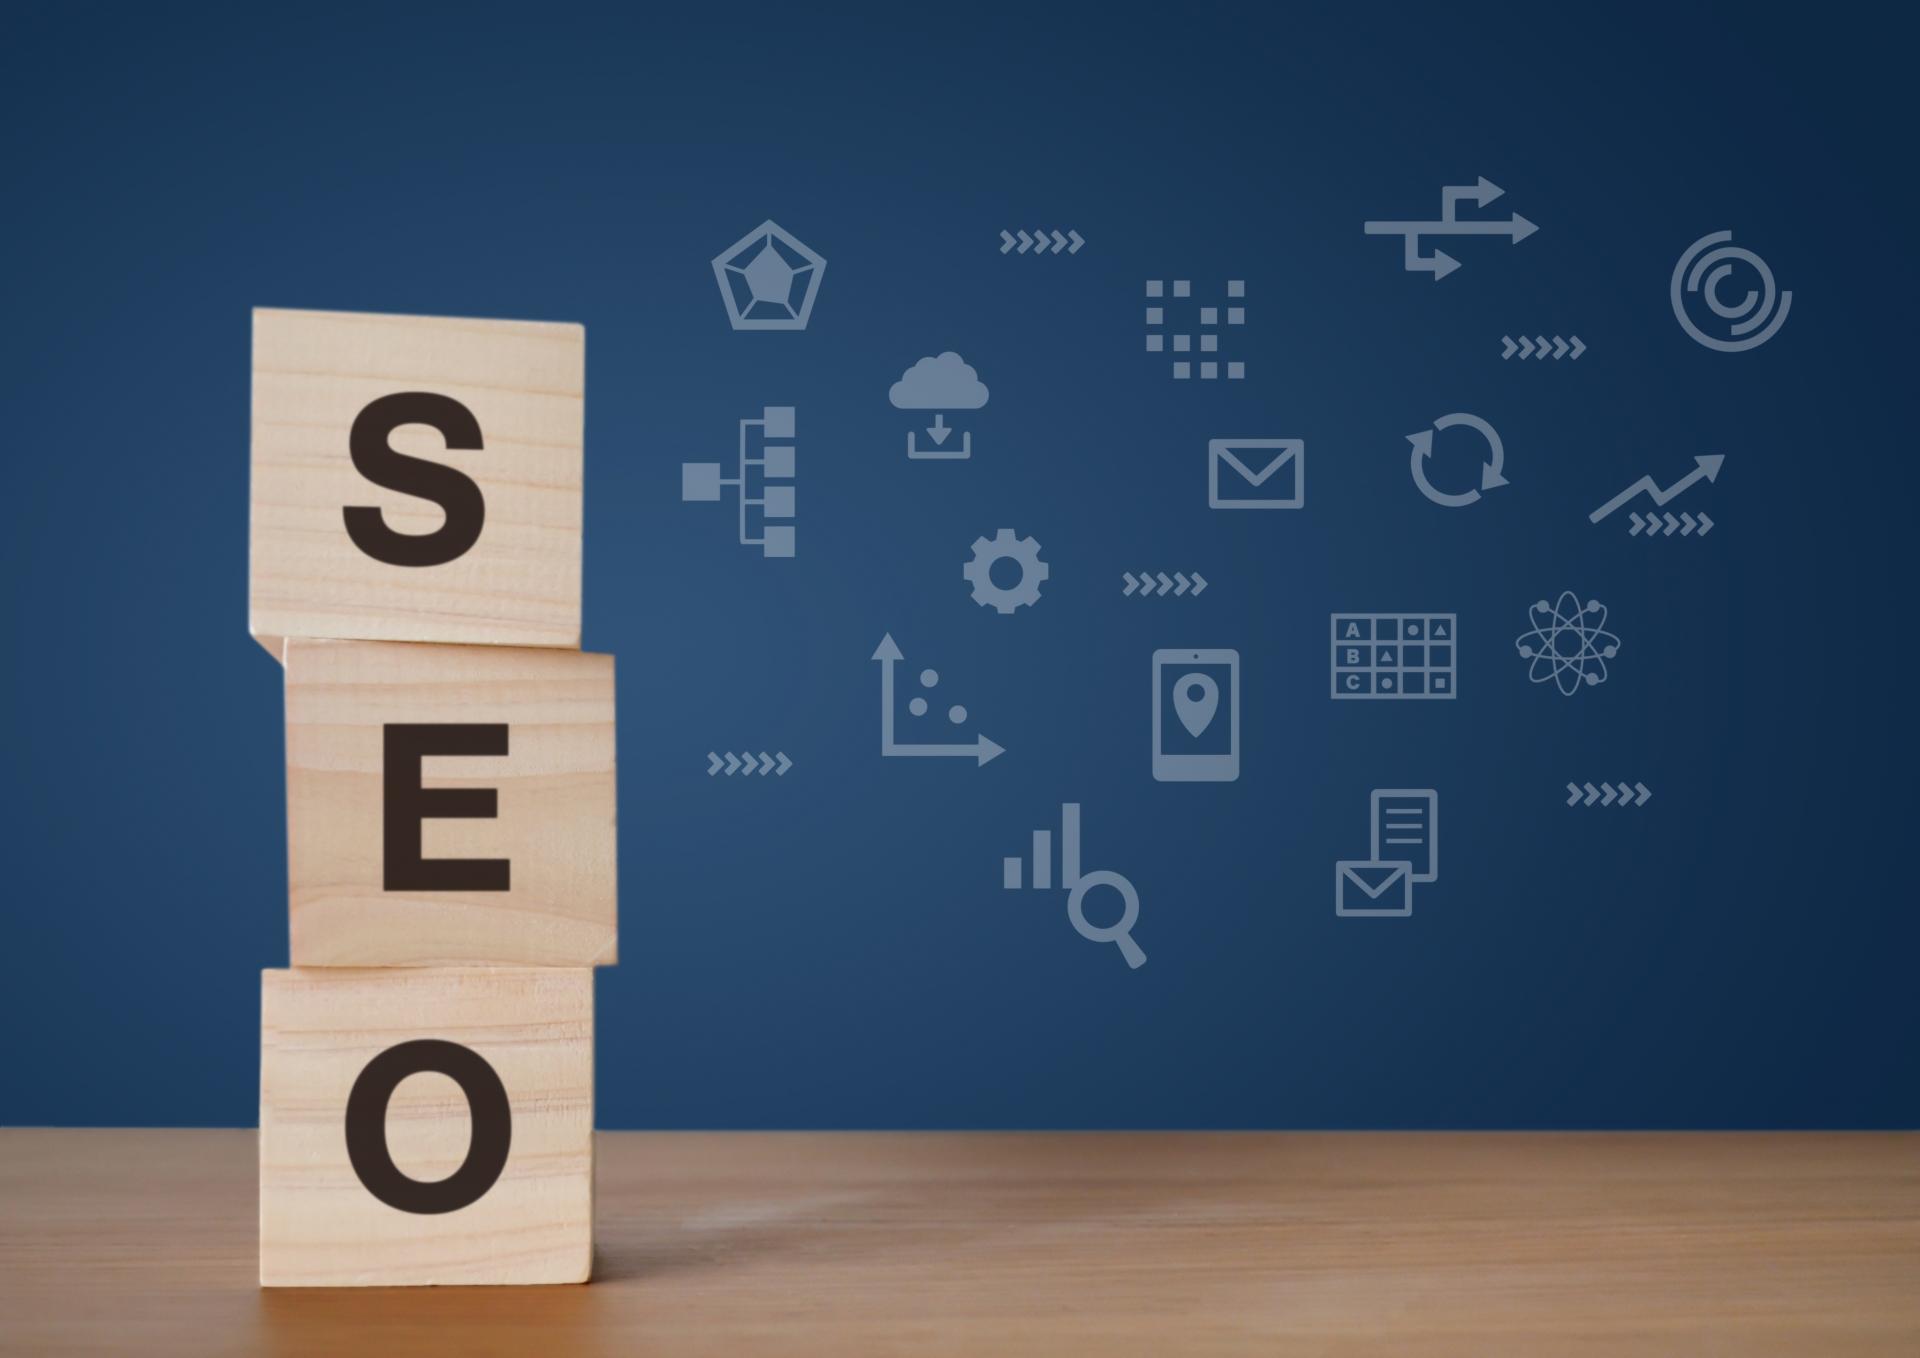 h2:コンテンツSEOとは? https://www.photo-ac.com/main/detail/3942512?title=%E7%A9%8D%E3%81%BF%E6%9C%A8%E3%81%A8SEO&searchId=196052818 コンテンツSEOとは、ユーザーにとって有益なコンテンツを用意することで、検索エンジンでの検索結果順位を上位にするSEO施策のひとつです。 ホームページ制作をしたときに設定した目標を達成するためには、まずは集客を考える必要があります。そのために重要になるのが、SEO対策です。 SEOとは、Search Engine Optimizationの頭文字を取った略語、日本語では「検索エンジン最適化」と訳されます。 日本では、検索エンジンとしてGoogleとYahoo!を利用する人がほとんどです。世界中のWebトラフィックを分析しているサイト「Stat Counter」によると、日本での2020年11月の検索エンジンのシェアはGoogleが約76%、Yahoo!が約18%でした。両者をあわせるとおよそ94%に達しています。 インターネットで検索する人の多くが、これだけGoogleやYahoo!を使っている以上、両者の検索結果の何位に表示されるかが、集客を大きく左右します。検索結果の上位に表示されなければ、顧客にクリックされないためです。。 Advanced Web Rankingでは、毎月の検索結果順位別クリック率を公表していますが、2020年10月の結果は以下のようになっています。 1位:34.07% 2位:18.16% 3位:11.77% 4位:8.58% 5位:5.98% 1位から3位までで約60%、5位までで約80%となっていて、6位以下のクリック率は5%を下回り、2ページ目にあたる10位以下になると1%にも達しません。この結果から見ても、検索エンジンの上位に表示されなければ、サイトへの流入が見込めないことがわかります。 コンテンツSEOを実施して良質なコンテンツを用意すれば、検索結果の上位に表示される確率が高くなります。コンテンツSEOは、ホームページへの流入を増やすために有効な施策なのです。 h2:なぜコンテンツSEOが注目されているのか? https://www.photo-ac.com/main/detail/1618664?title=%E3%83%9B%E3%83%AF%E3%82%A4%E3%83%88%E3%83%8F%E3%83%83%E3%83%88%E3%81%A8%E3%83%96%E3%83%A9%E3%83%83%E3%82%AF%E3%83%8F%E3%83%83%E3%83%88%E3%81%AESEO%E3%82%92%E6%8C%87%E3%81%97%E7%A4%BA%E3%81%99%E6%9C%A8%E8%A3%BD%E9%81%93%E3%81%97%E3%82%8B%E3%81%B9&searchId=196022461 ユーザーに有益なコンテンツを用意し、検索結果上位に表示することで集客を目指すコンテンツSEOは、ホームページ制作の現場では、もはや欠かせないマーケティング施策といわれています。ここまでコンテンツSEOが注目されるようになったのには、どのような理由があるのでしょうか。  h3:ブラックハットSEOの衰退 コンテンツSEOが注目されるようになったのは、GoogleがブラックハットSEOを評価しなくなったことがきっかけです。 ブラックハットSEOとは、Googleのガイドラインに違反する手法を使い、検索順位をあげようとする行為を指します。西部劇で悪人が黒い帽子(Black Hat)、善人が白い帽子(White Hat)を被っていたことから、ブラックハットは不正な行為の象徴的言葉です。 Googleでは、ウェブマスターガイドラインに沿ったホームページ制作を推奨していて、違反した場合、順位が下がる、検索結果に表示されなくなるなどペナルティを受ける可能性があると述べています。具体的に禁止されているのは、以下のような行為です。 ・ワードサラダ(キーワードを不自然なほど大量に詰め込んだ文章) ・不自然な外部からの被リンクの大量設置 ・オリジナルのコンテンツがほとんどないコピーコンテンツ ・背景色と同じ色のテキストをうめこむ隠しテキストや隠しリンク など 2010年ごろまでは、検索エンジンの性能が今ほど高くなく、コンテンツに含まれるキーワードや被リンクの数が多いページが、高く評価されていました。 それを逆手にとって、無意味にキーワードを含んだコンテンツを自動生成する、外部サイトからのリンクを大量購入するなどの行為が横行していました。SEO